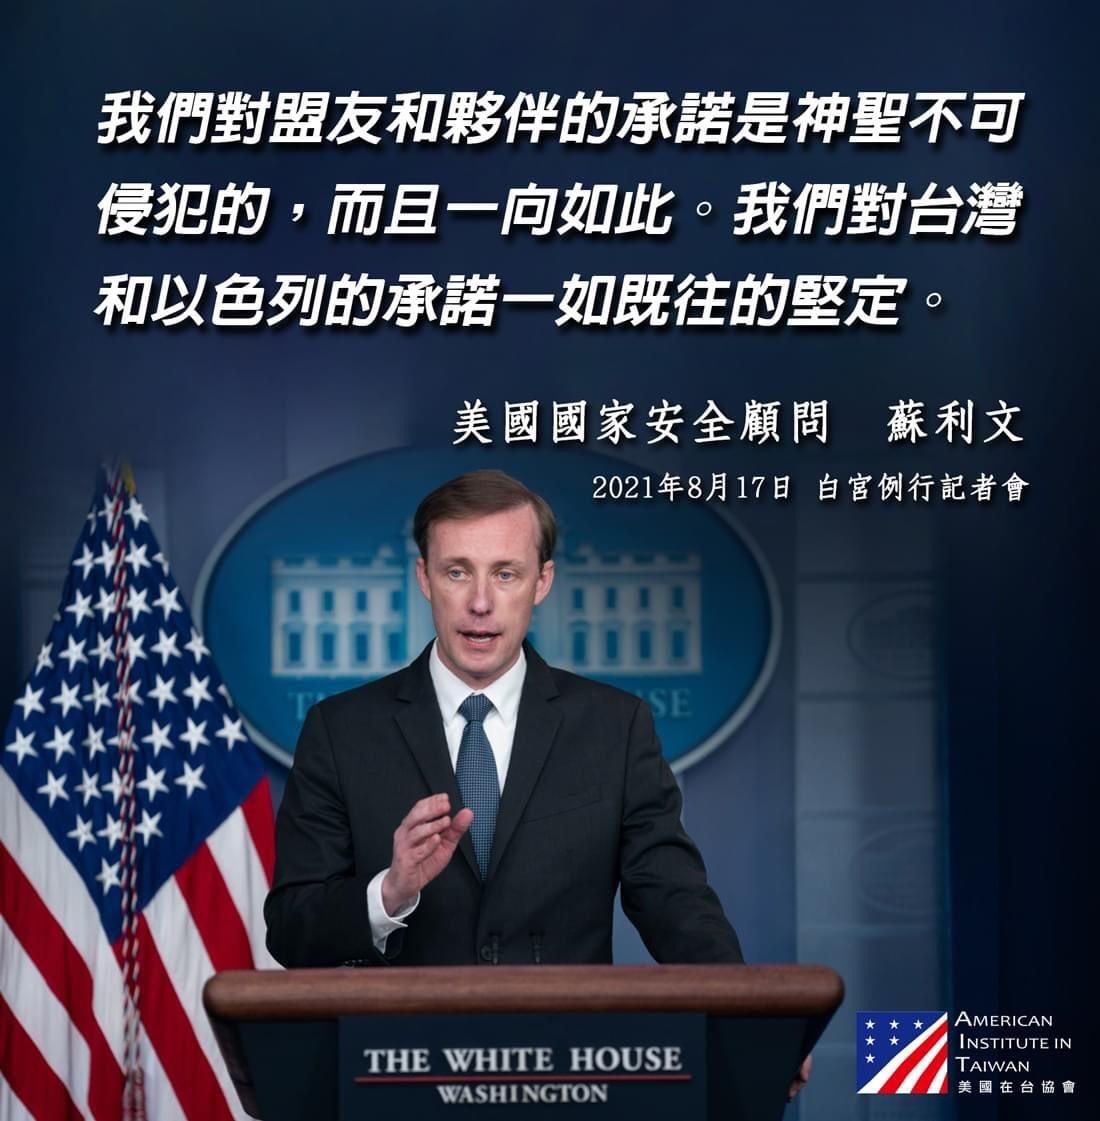 阿富汗,美國,盟邦,中國,撤軍,恐怖主義,布林肯,王毅,蘇利文,戰略模糊,台灣關係法,北約,拜登